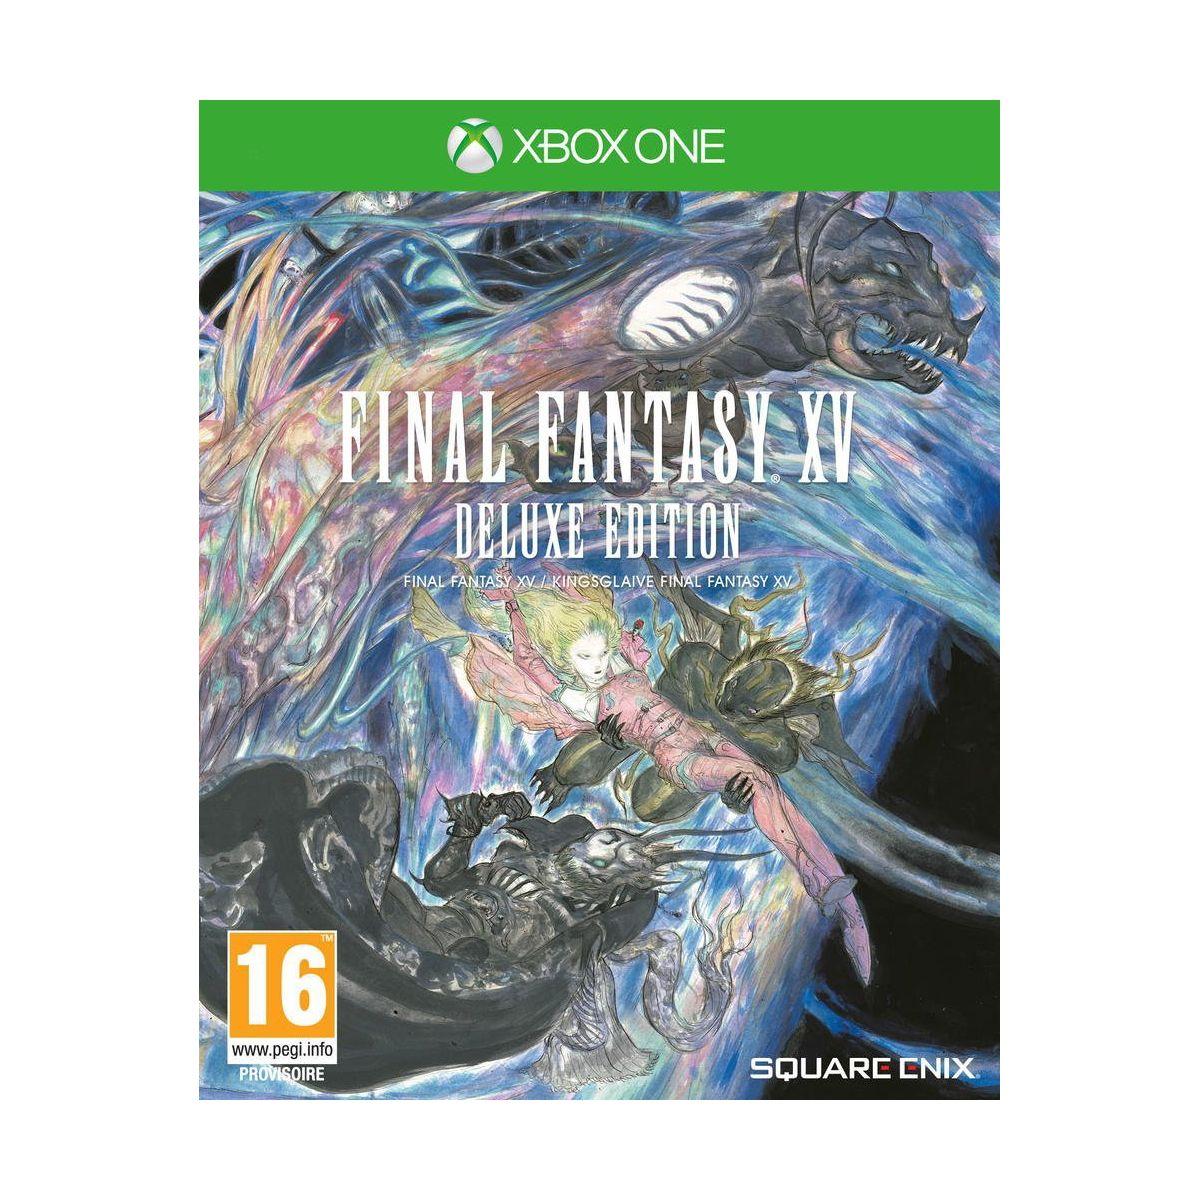 Jeu Xbox One SQUARE ENIX Final Fantasy XV Deluxe Edition